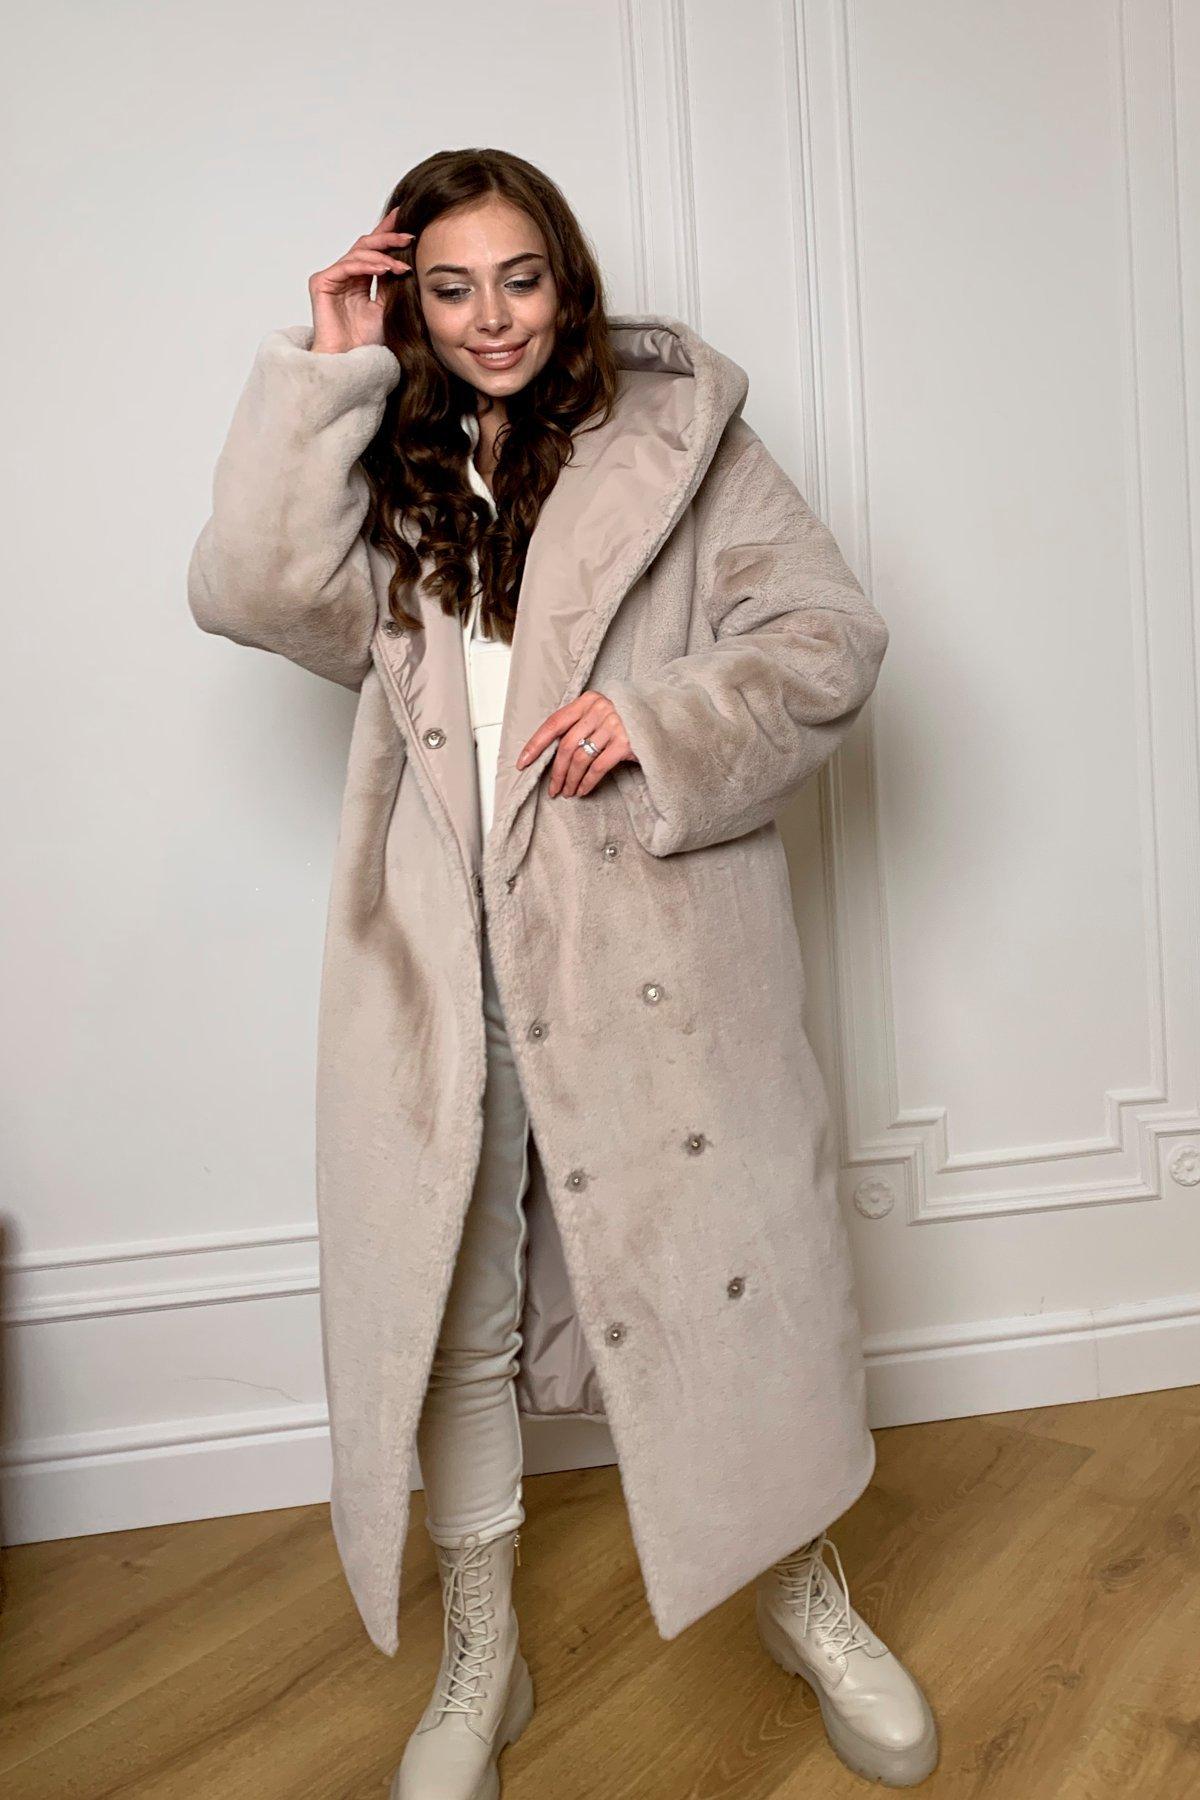 Сноу  теплое двухстороннее пальто из  еко меха и плотной  плащевки 9956 АРТ. 46668 Цвет: Св.серый/бежевый511 - фото 6, интернет магазин tm-modus.ru